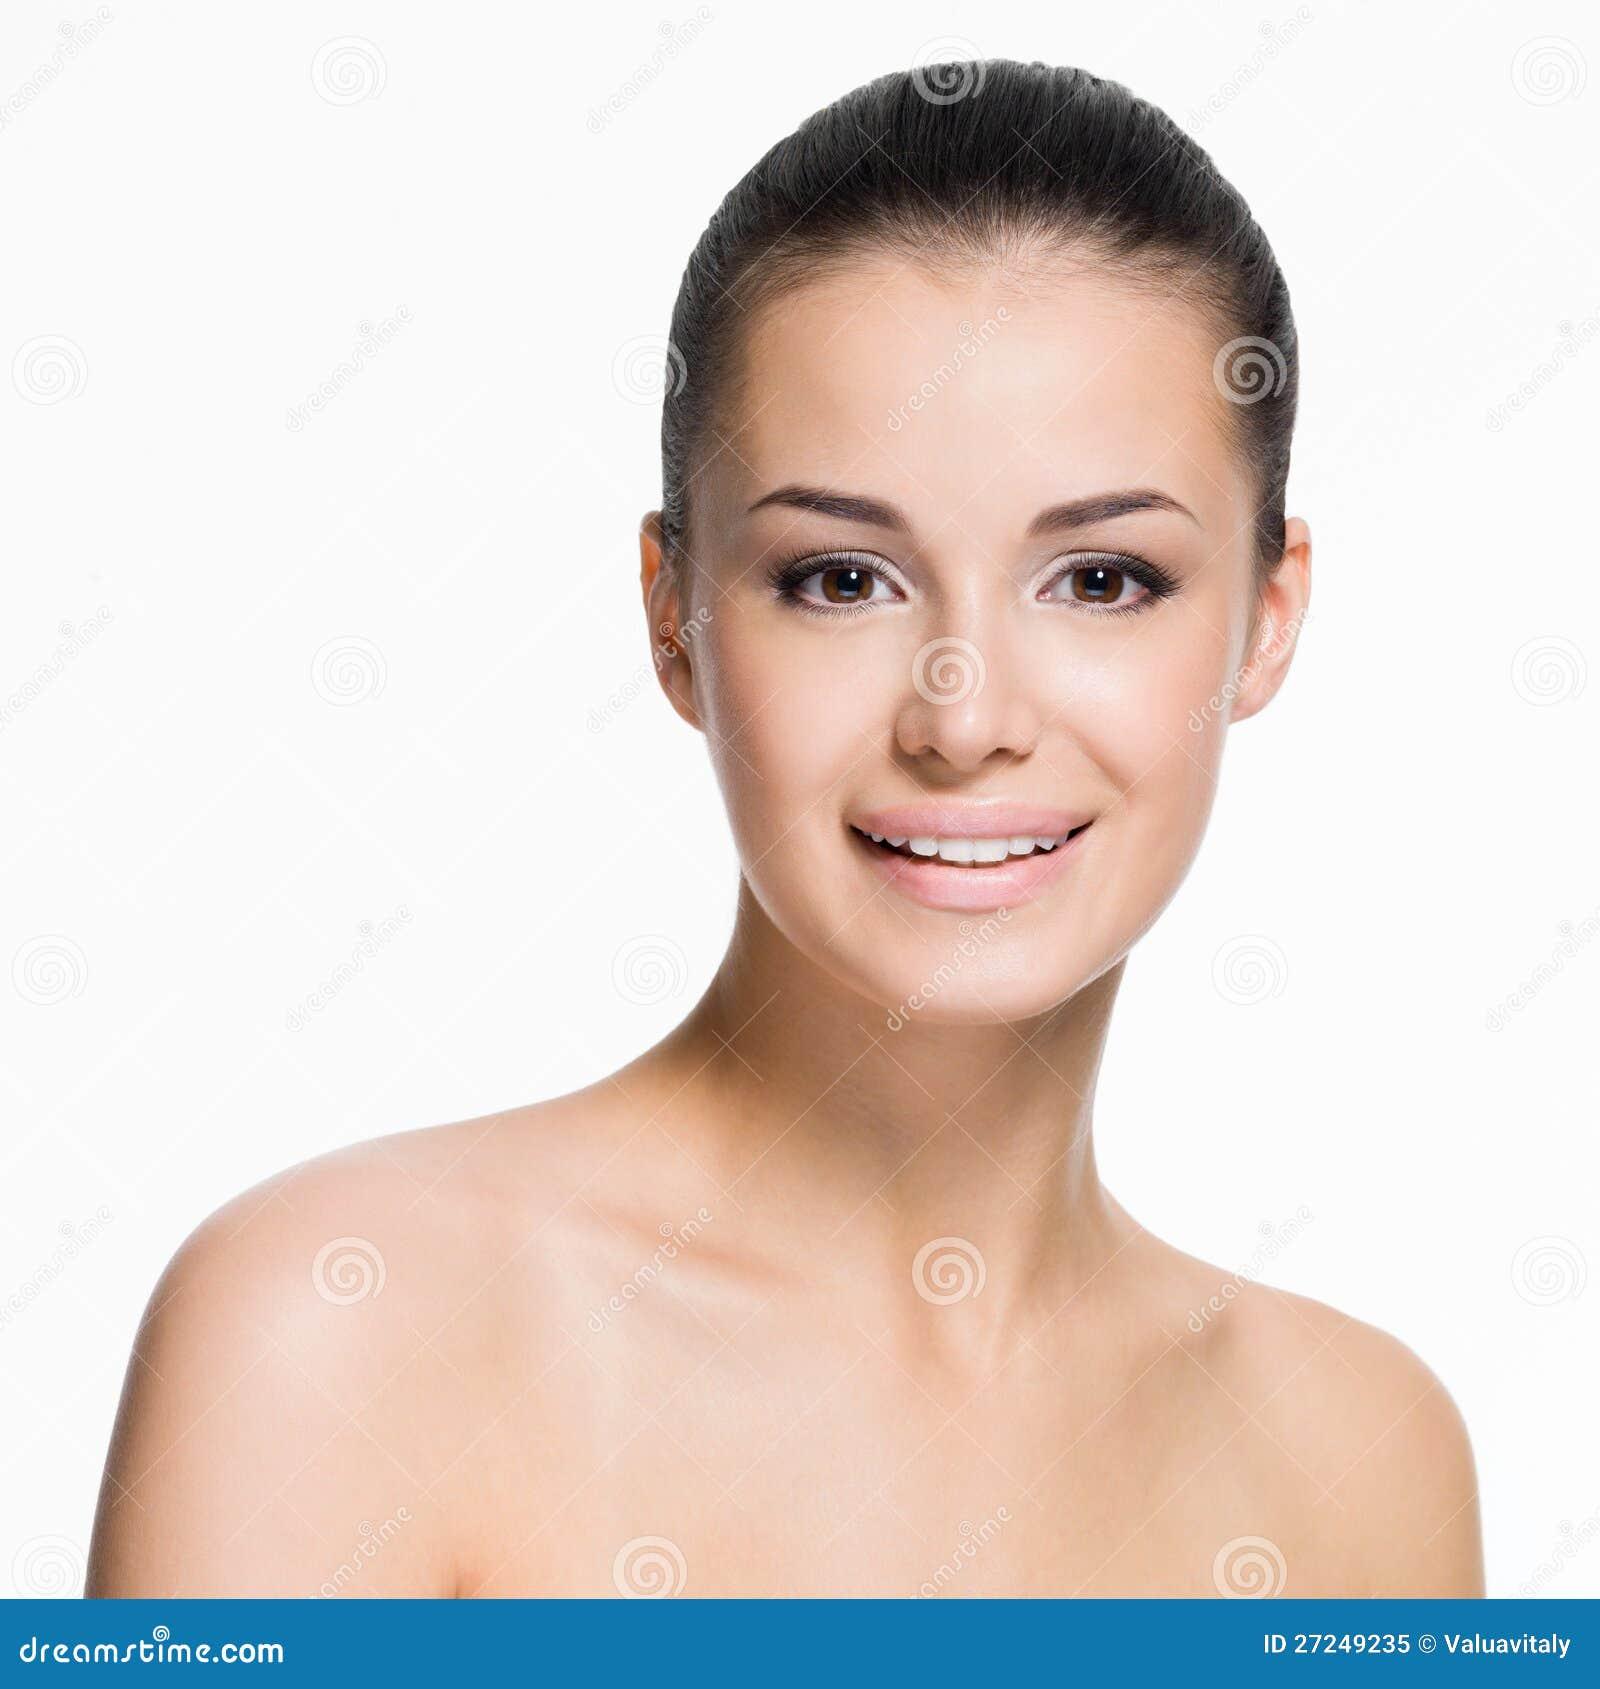 Frau Gesicht: Schönes Gesicht Der Lächelnden Frau Lizenzfreies Stockfoto